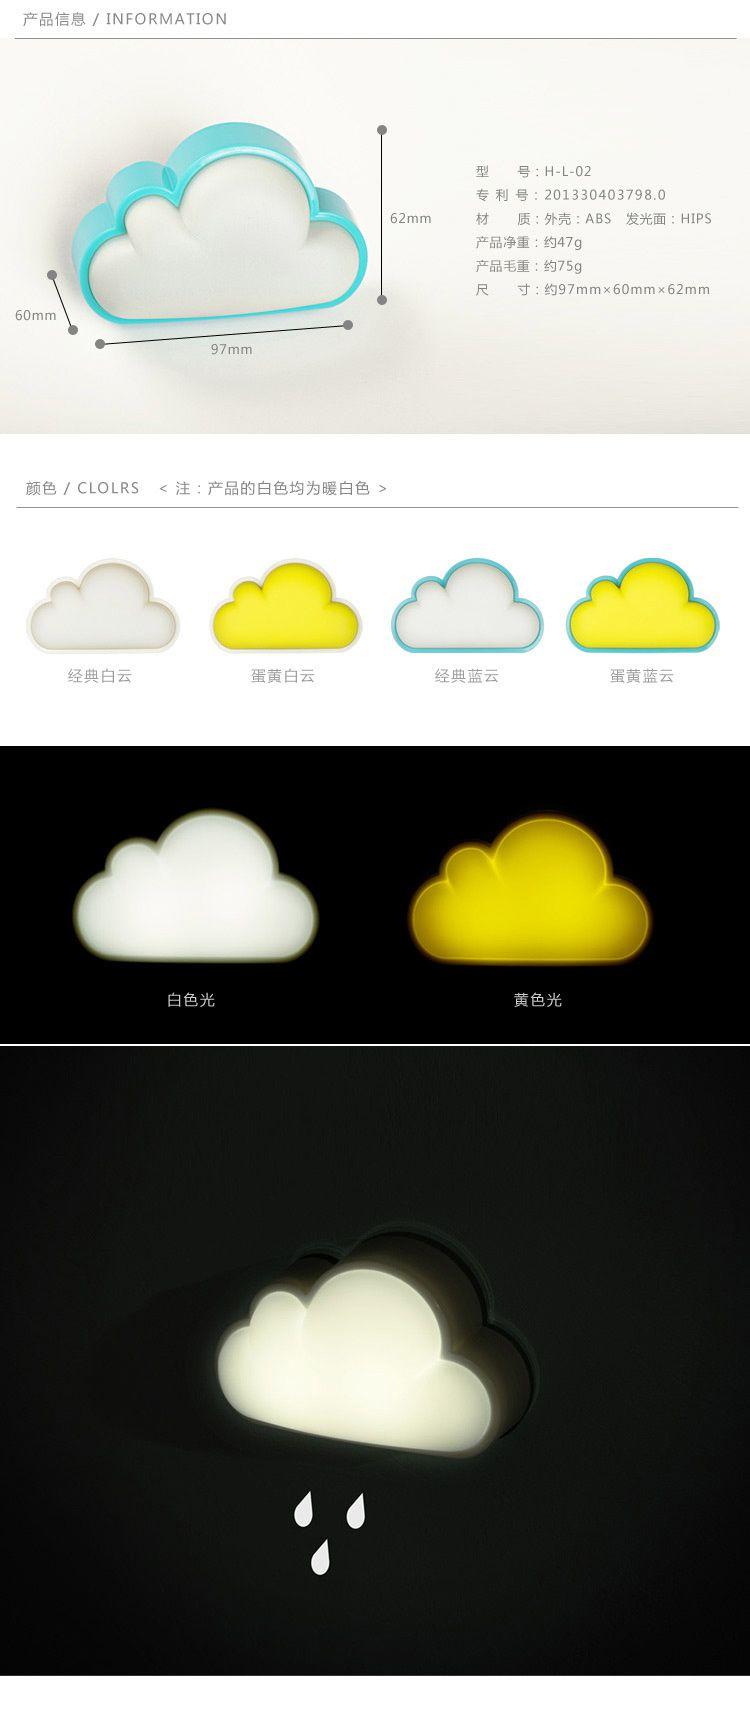 cloud智能光控小夜灯